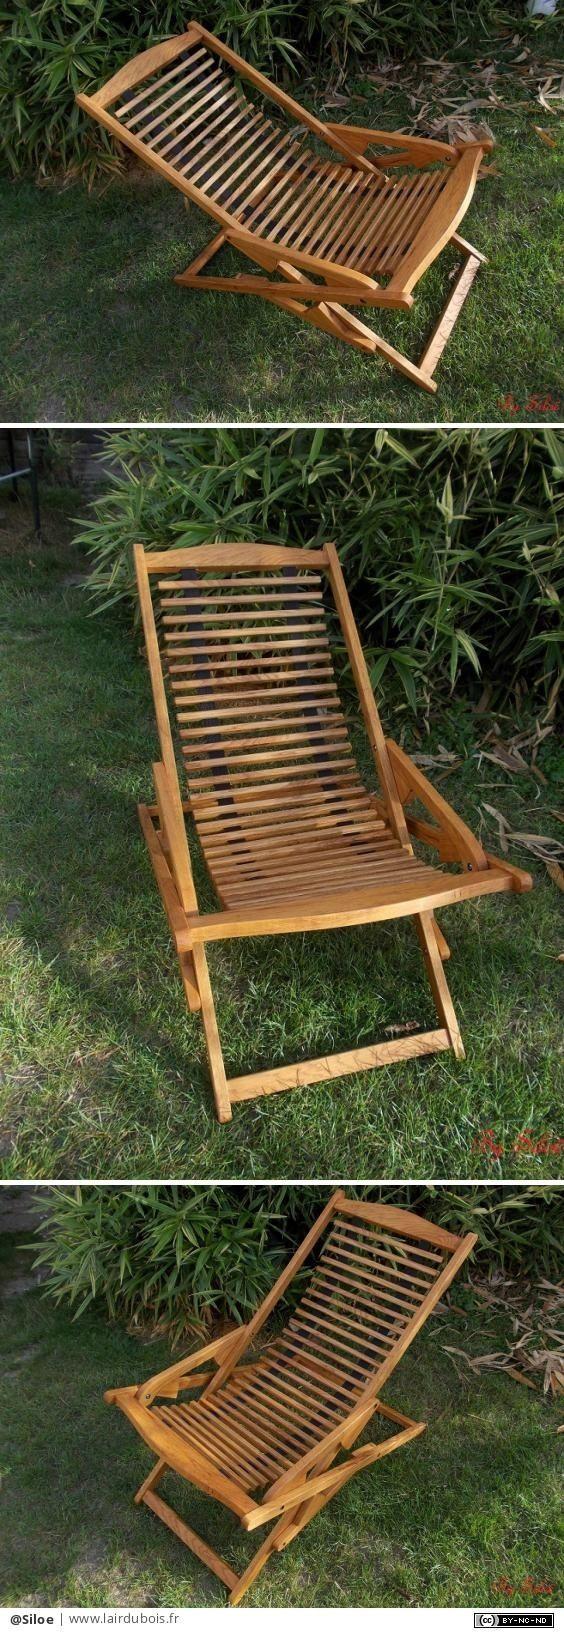 Chaise/fauteuil pliant par Siloe - Chaise ou fauteuil pliant pour usage intérieur ou extérieur, au choix